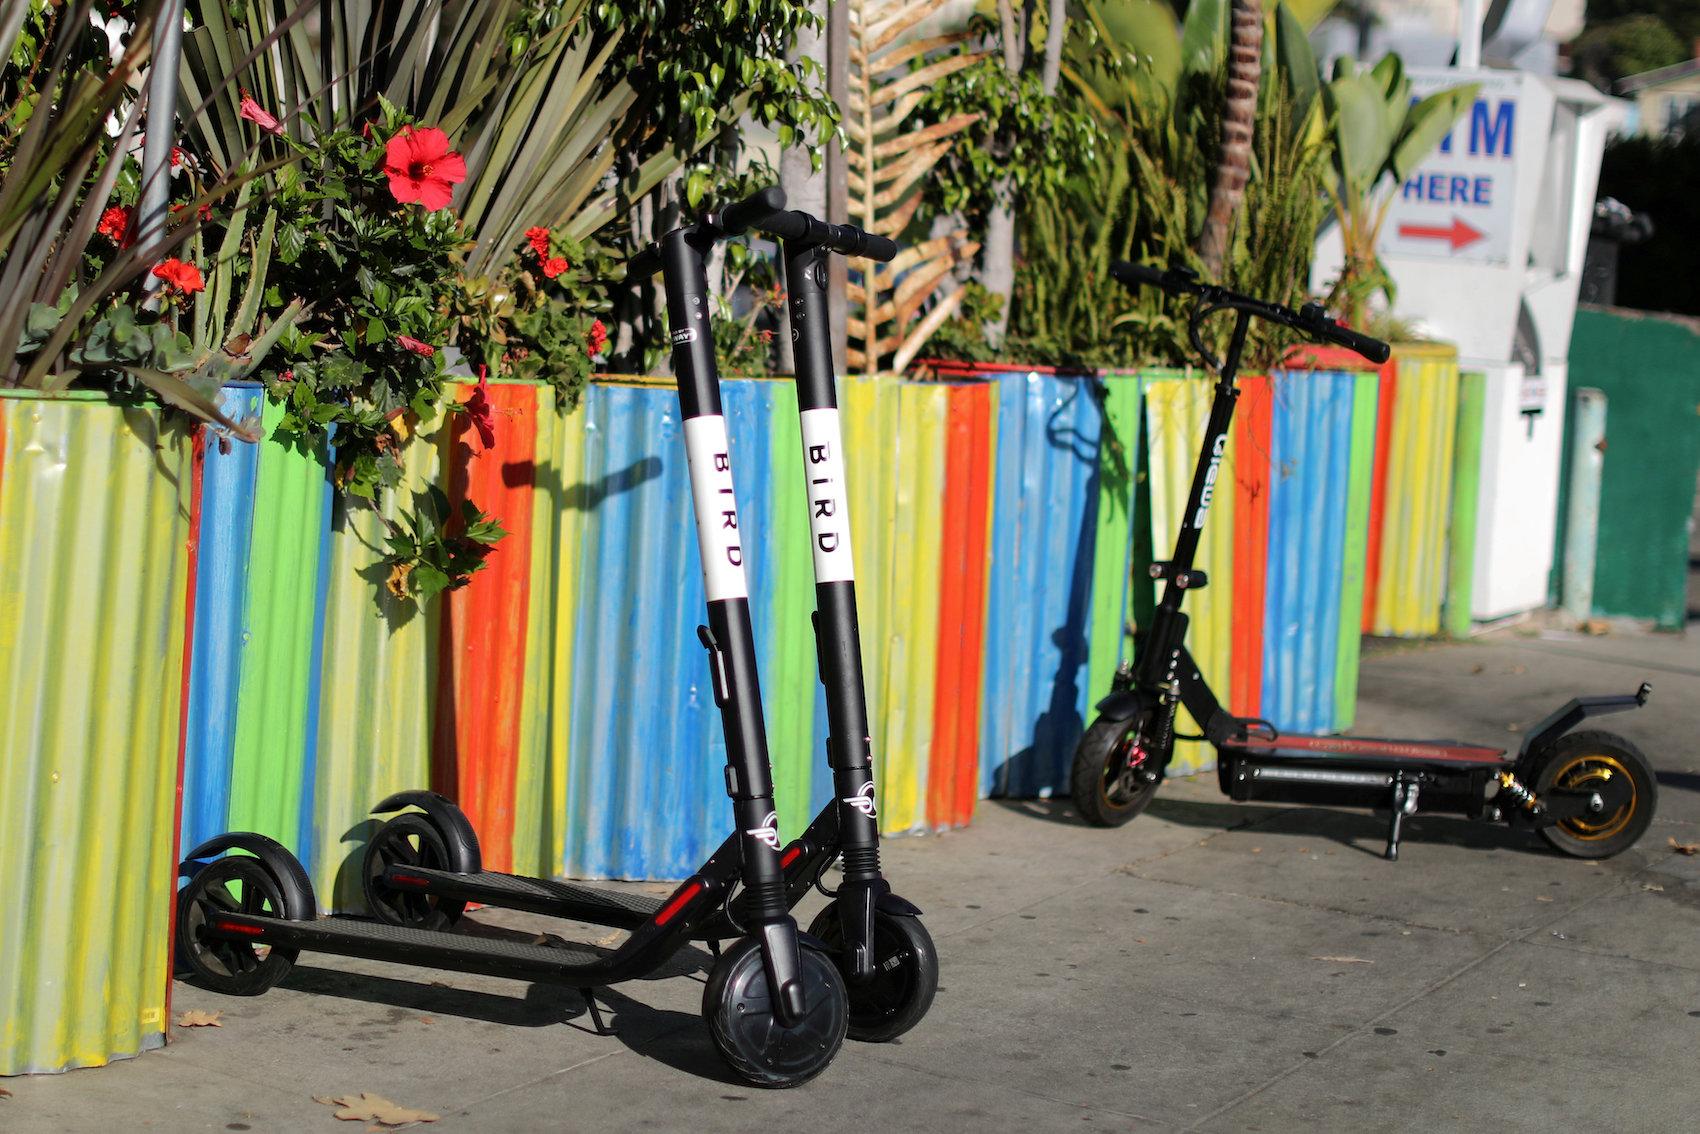 Des trottinettes Bird en attente d'usagers à Santa Monica (États-Unis). (Reuters/Lucy Nicholson)